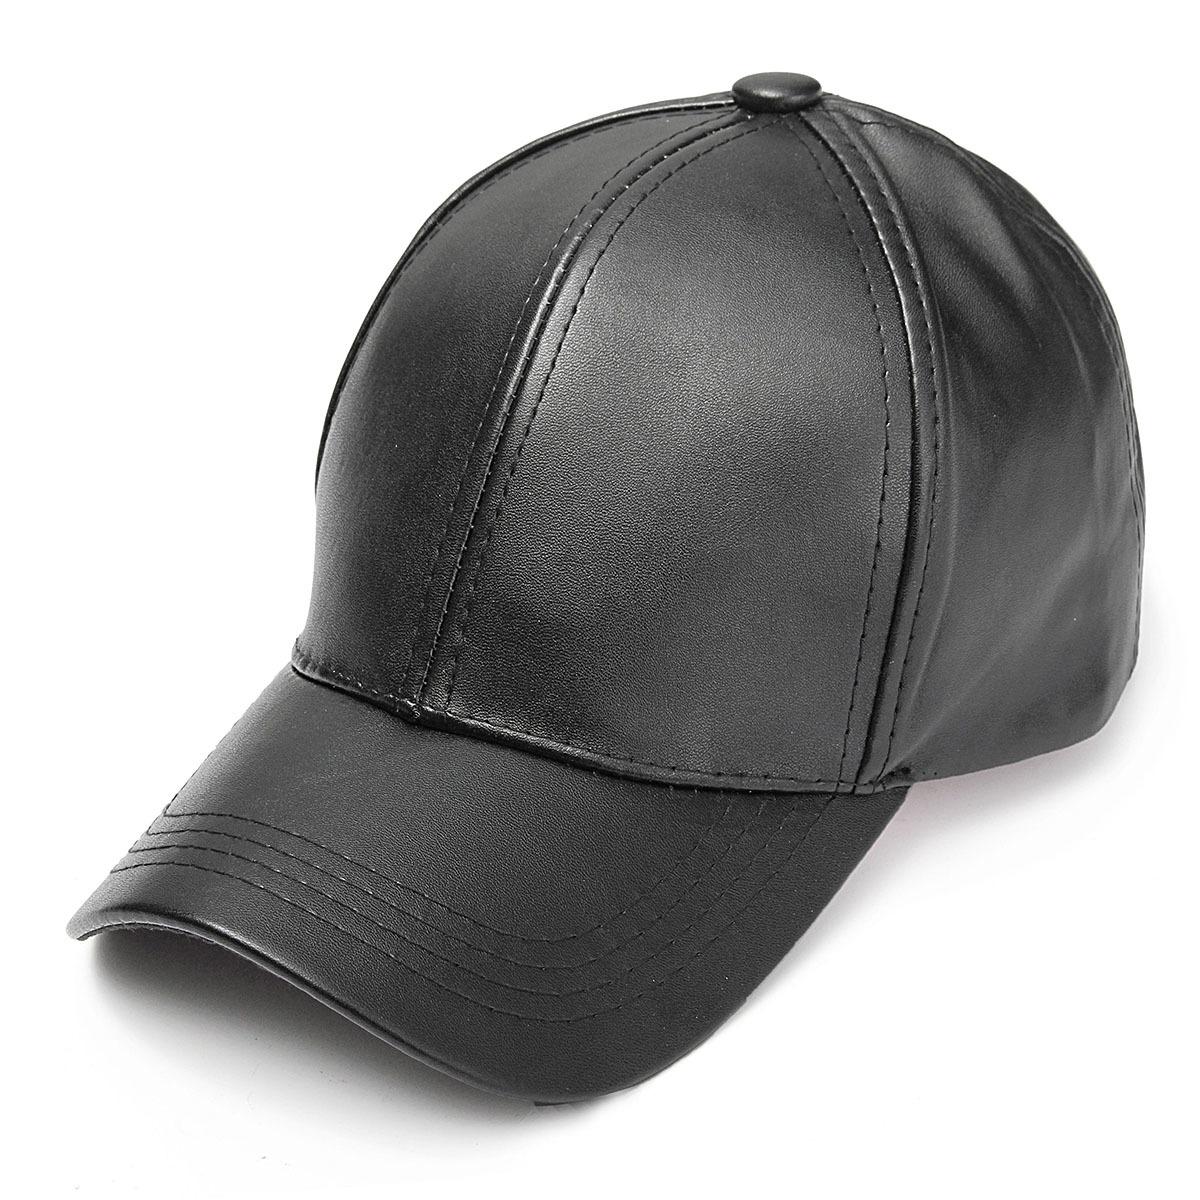 Jual Unisex Pria Wanita Kulit Lembut Topi Baseball Pengendara Sepeda Motor Olahraga Outdoor Adjustable Topi Hitam Intl Oem Online